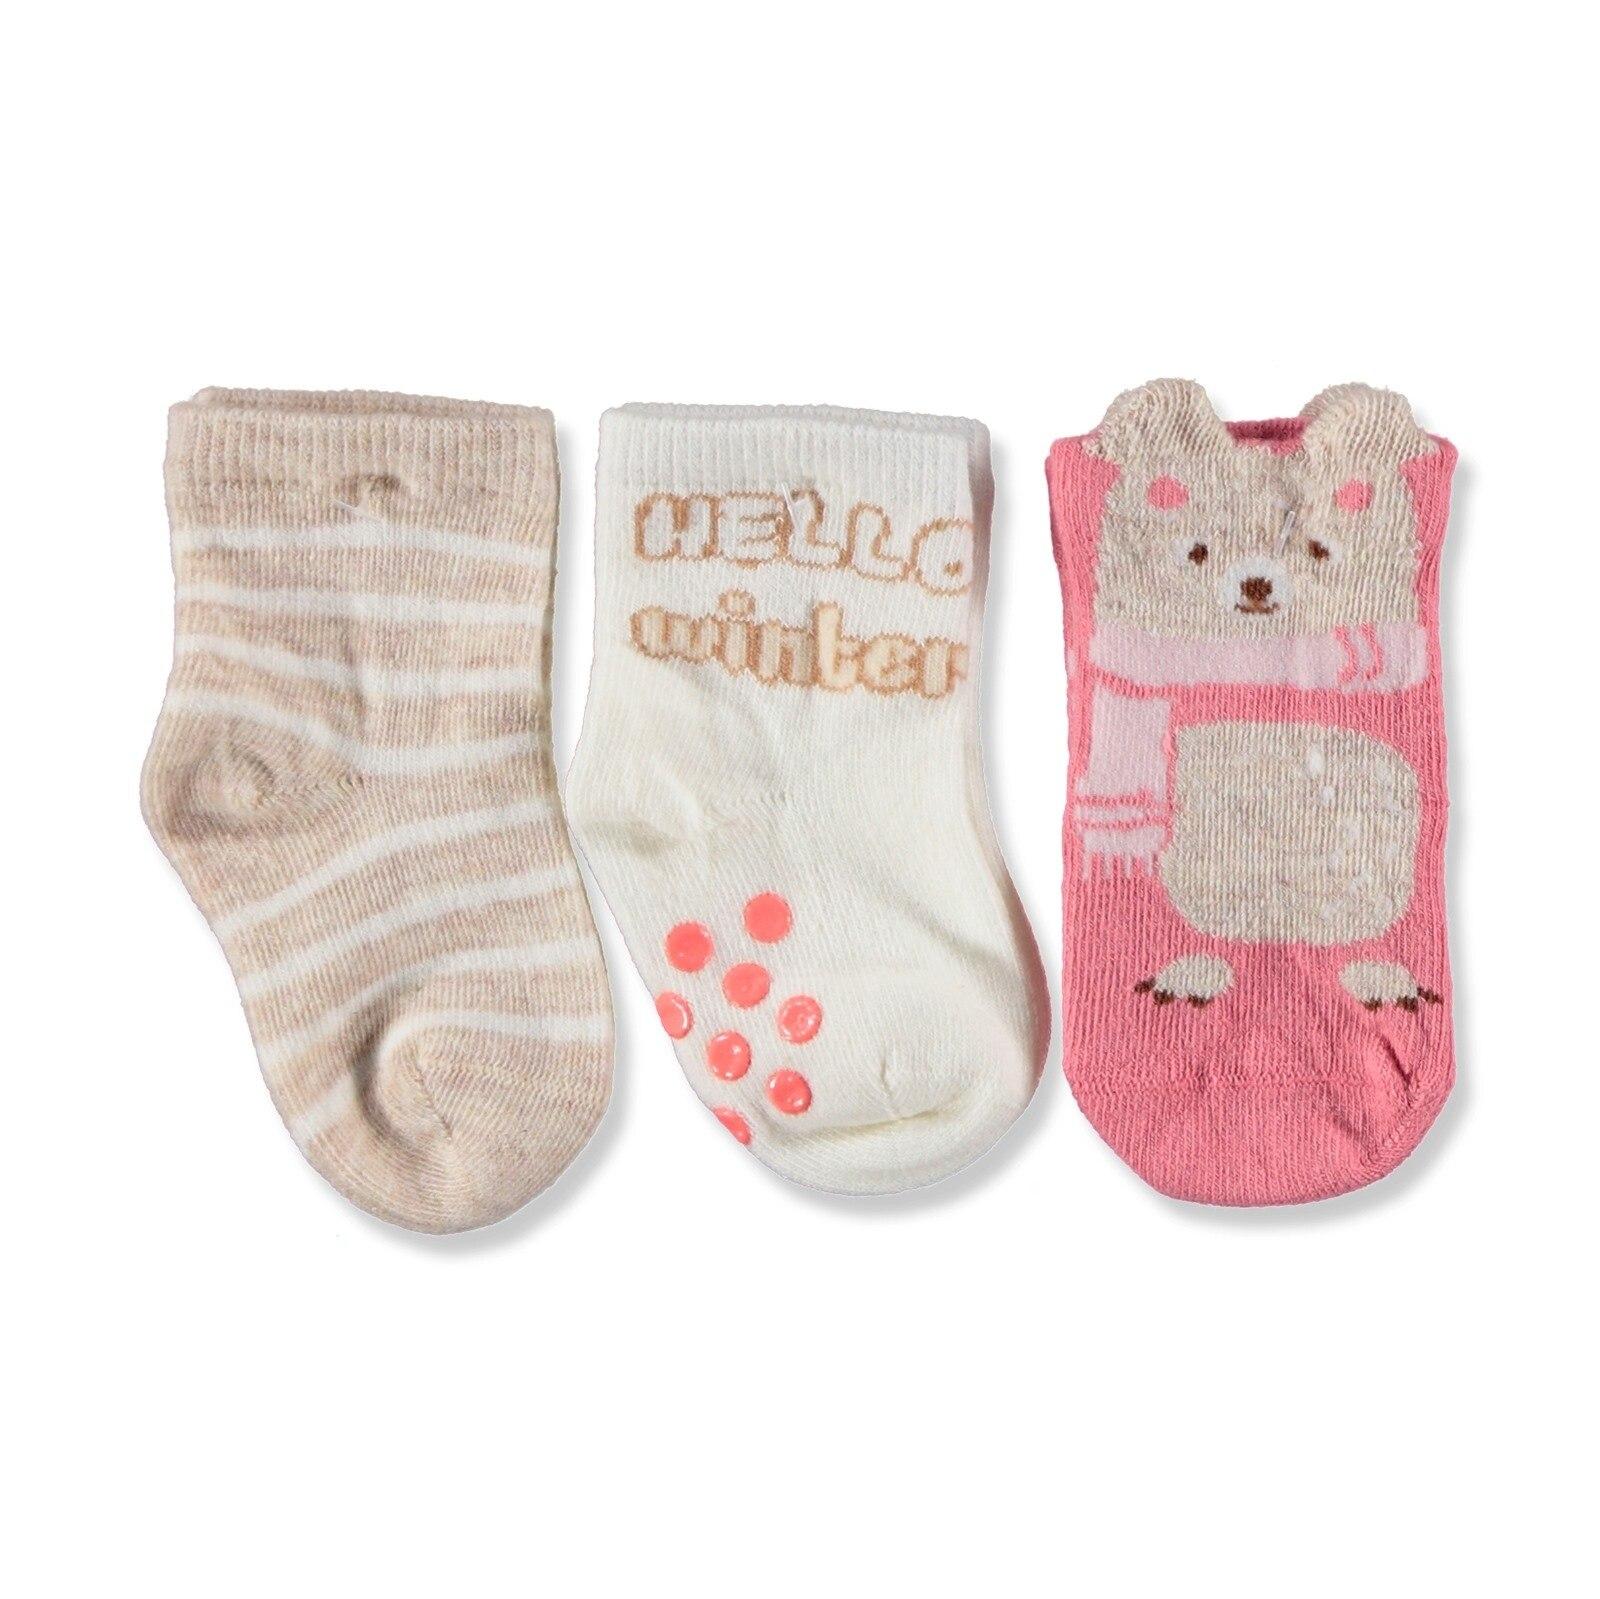 Ebebek Step 3 Pack Baby Socks Six Printed Hello Winter